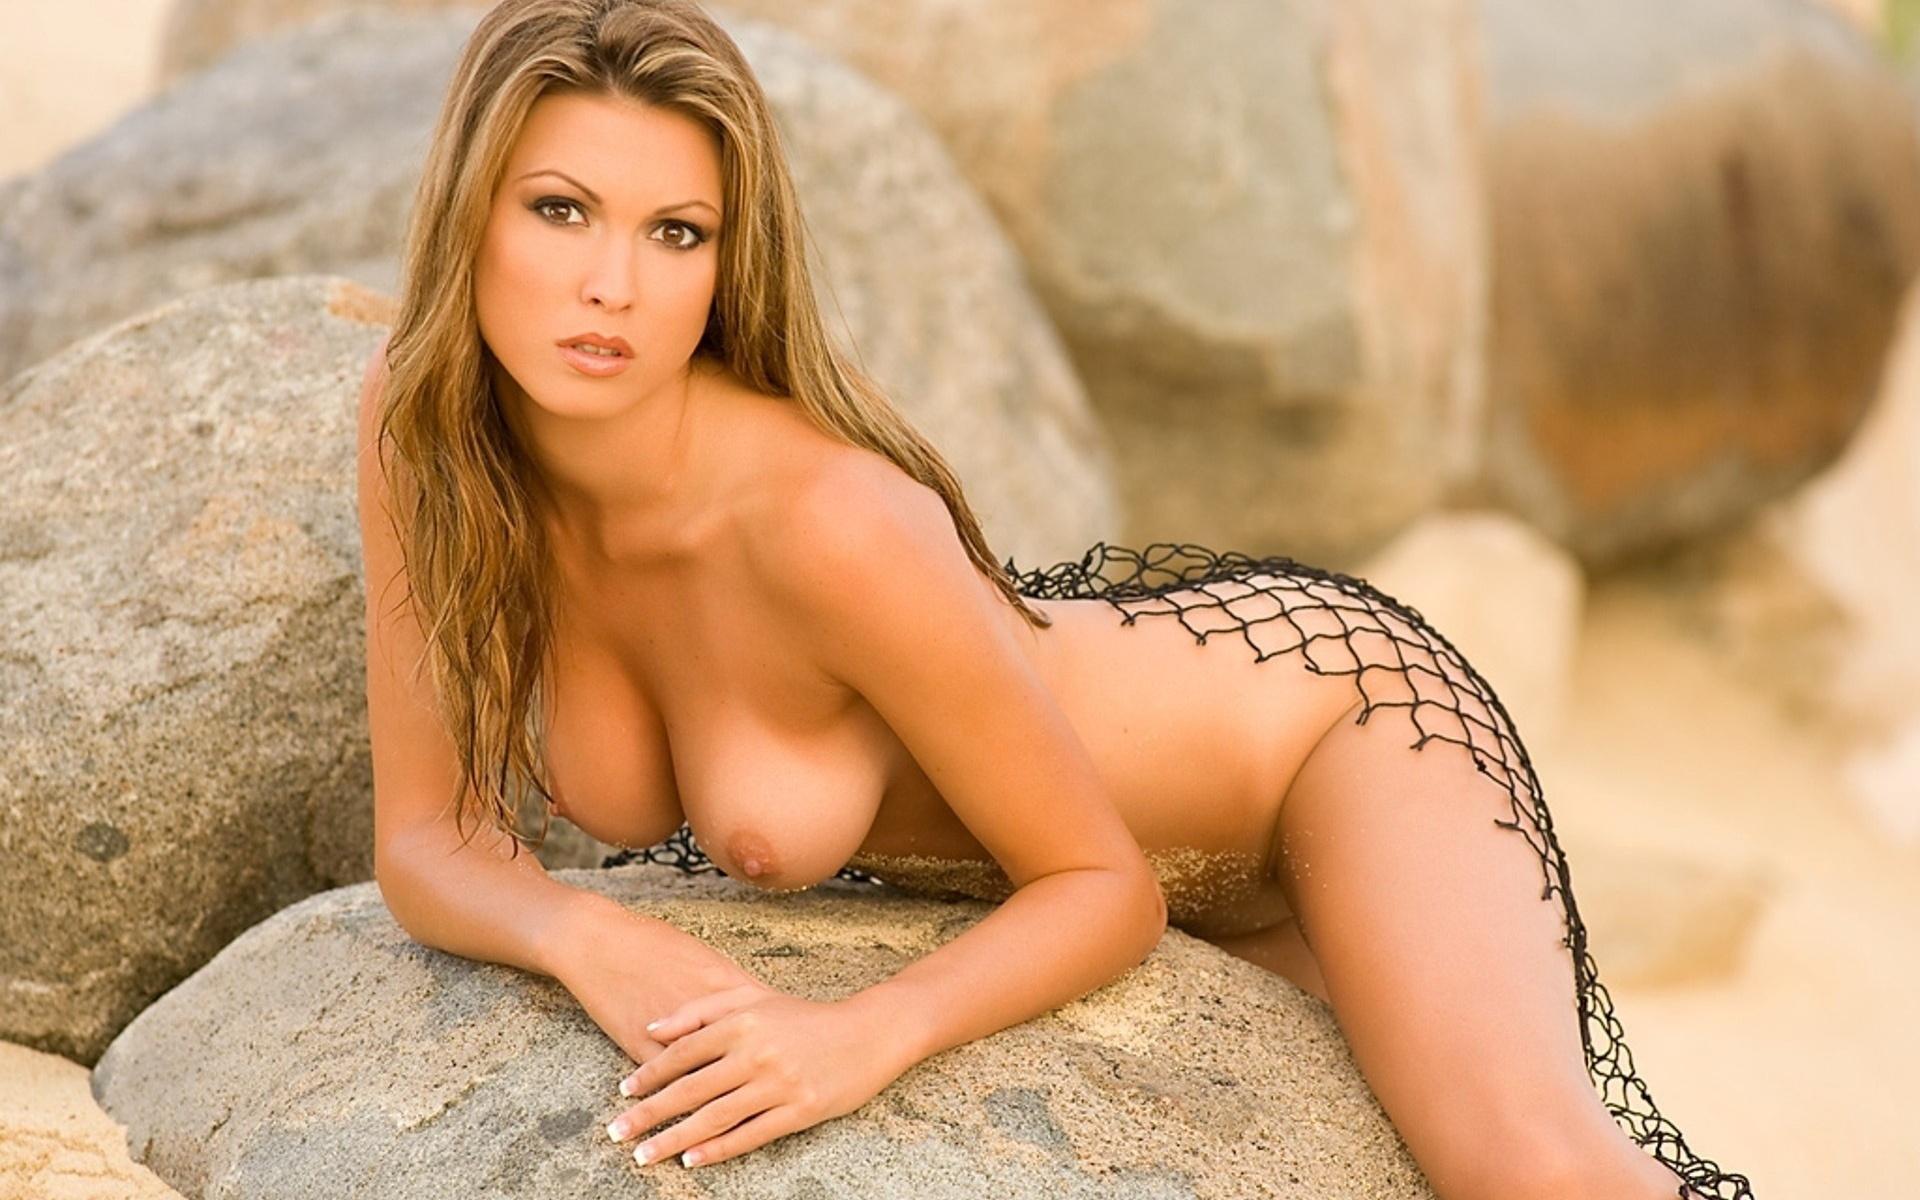 Самые красивые телки в мире голые, Самые красивые девушки планеты - 40 фото 20 фотография